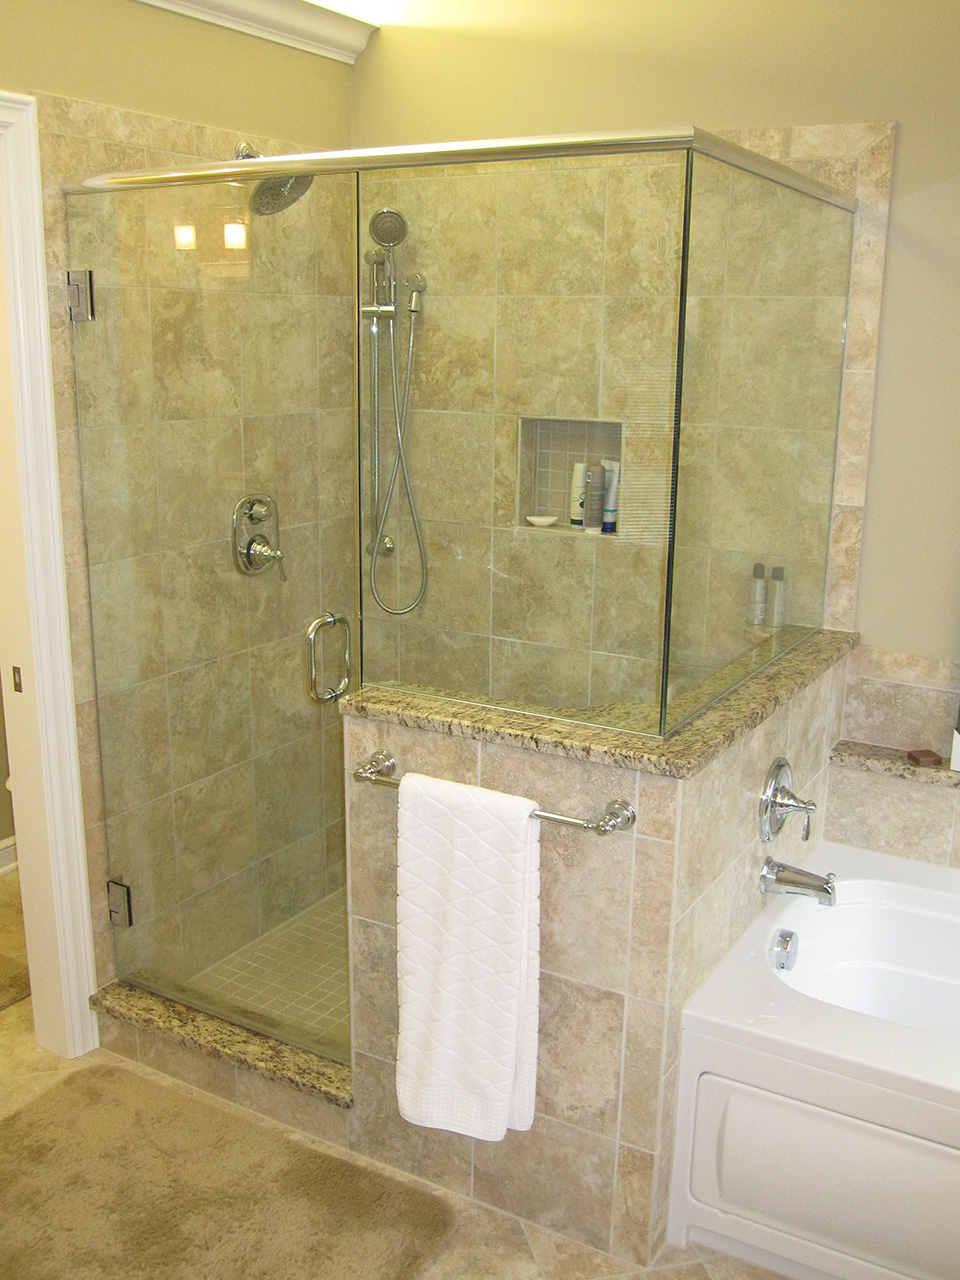 shower-glass-doors-tile.jpg